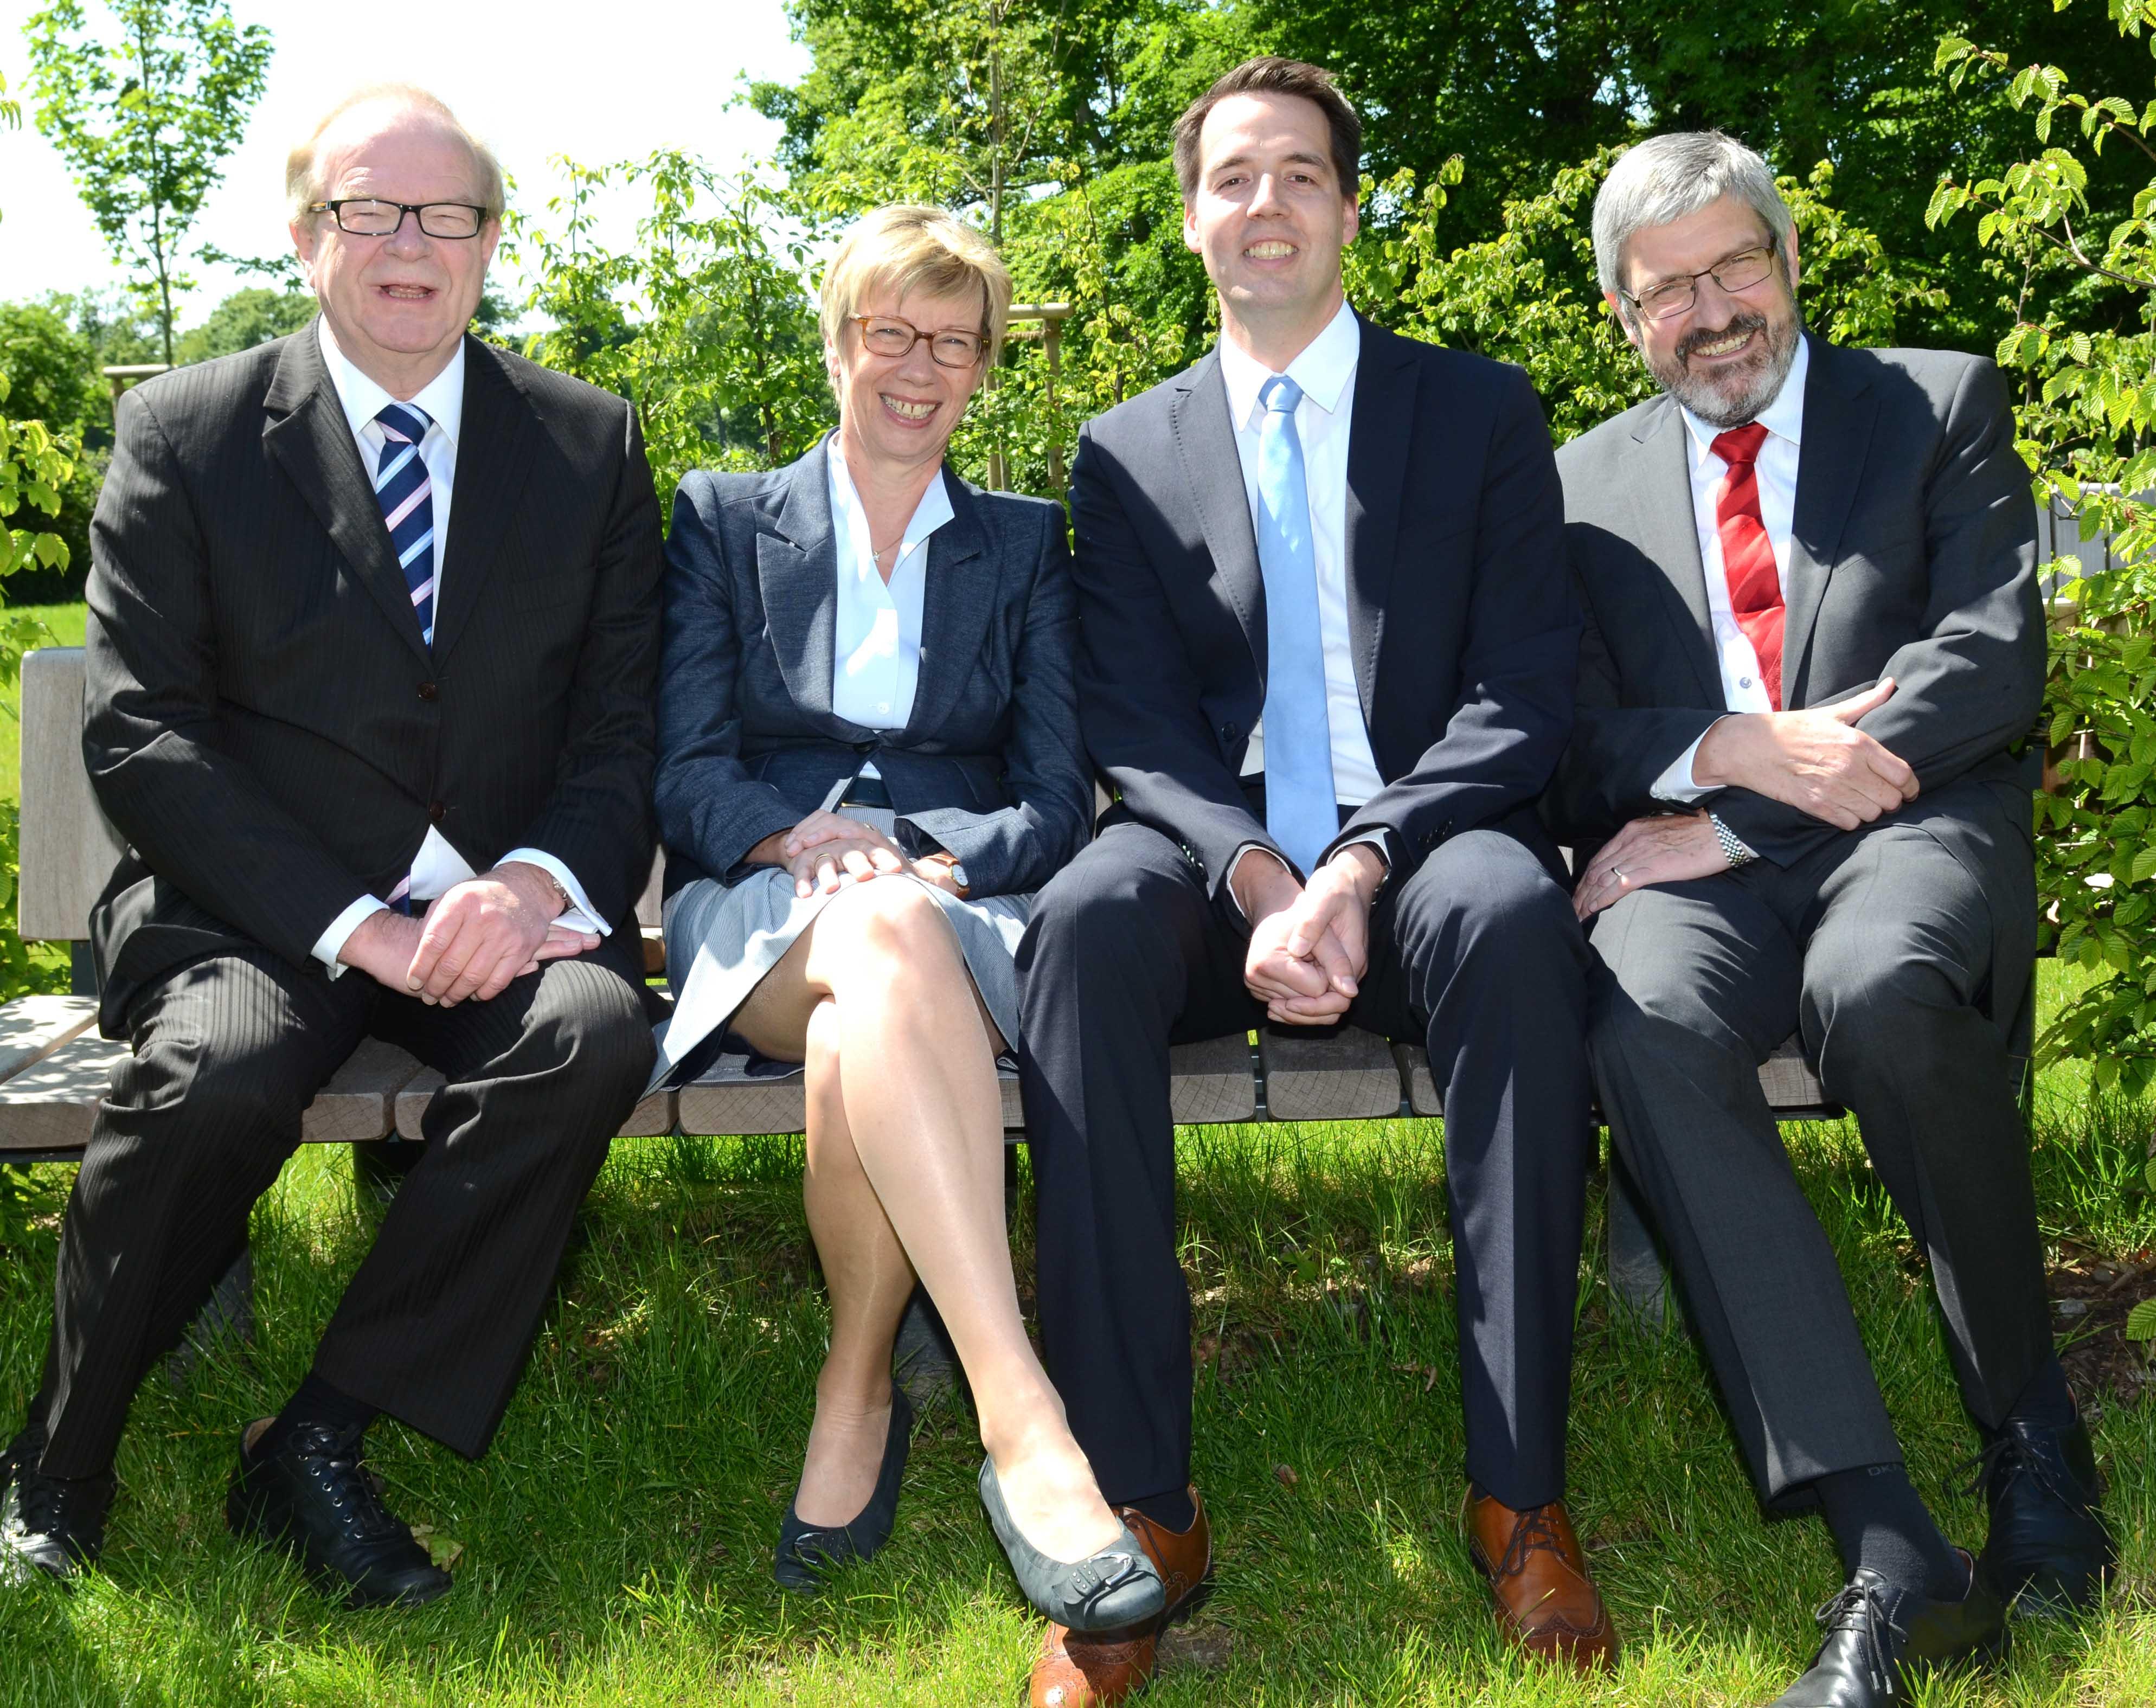 Wolfgang Bischoff, Prof. Dr. Ute von Lojewski, Carsten Schröder, Dr. Werner Jubelius (v.l.n.r.)